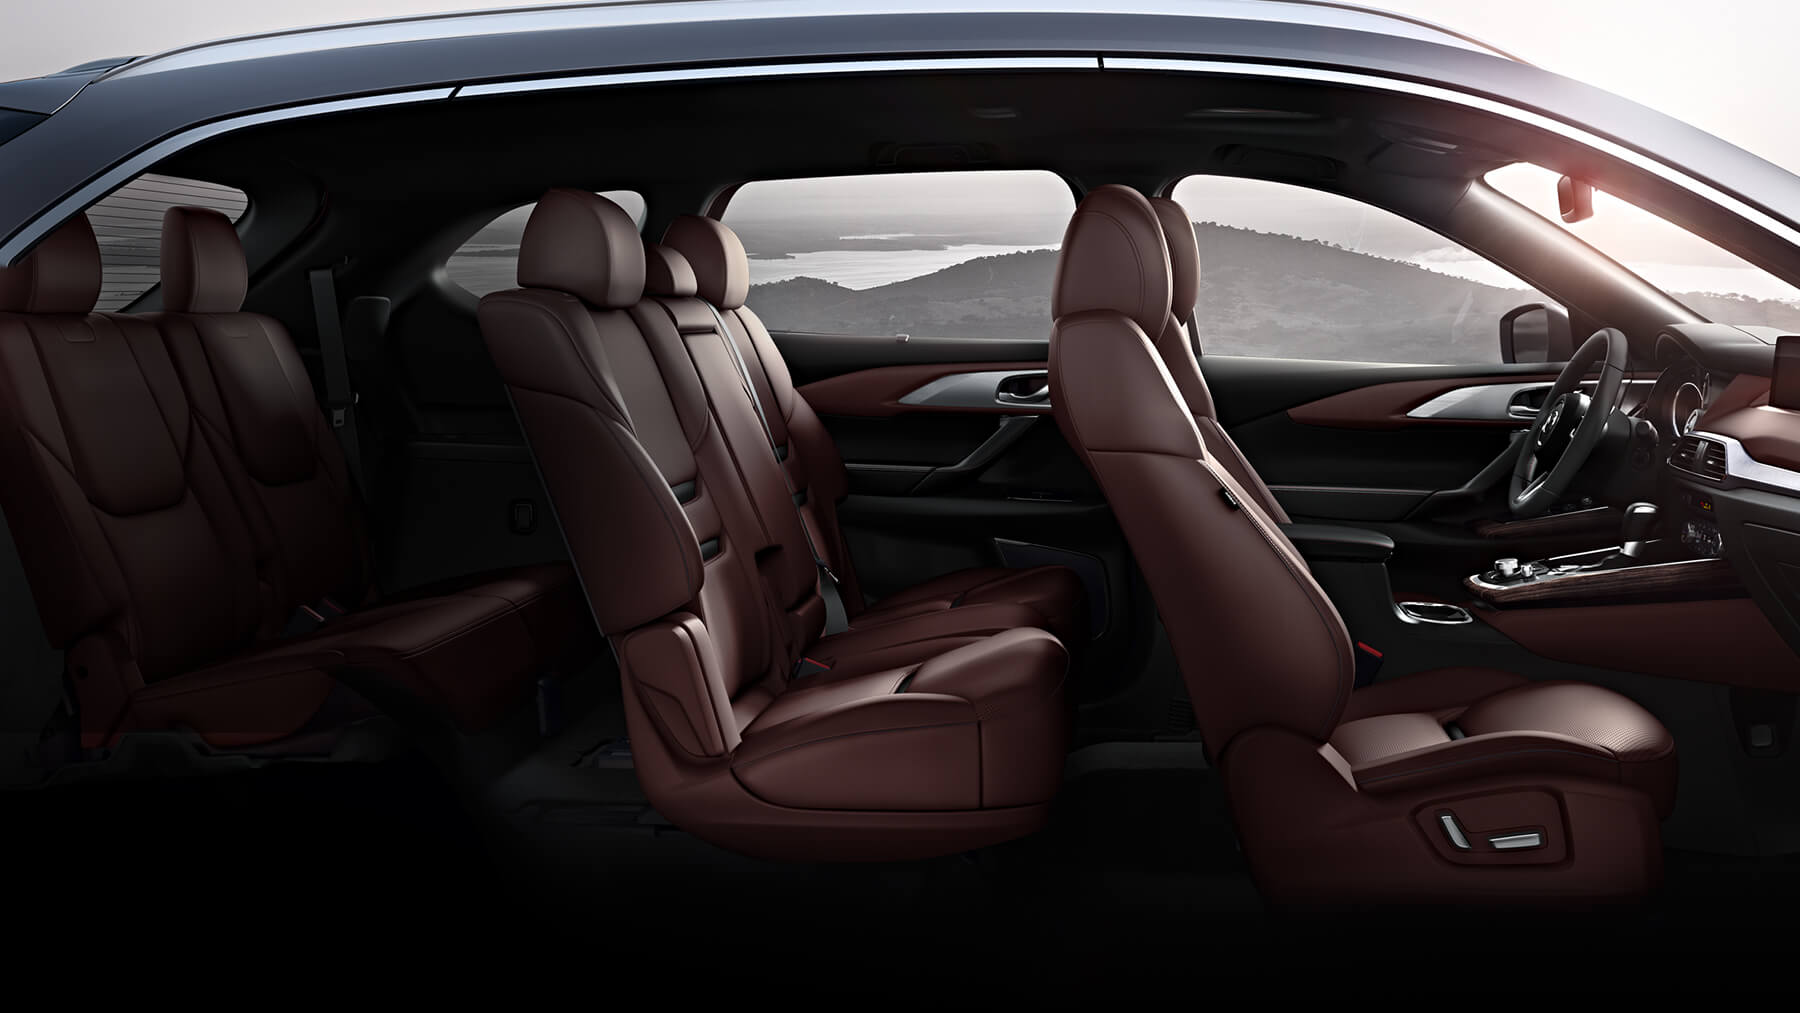 Mazda CX-9 Interior